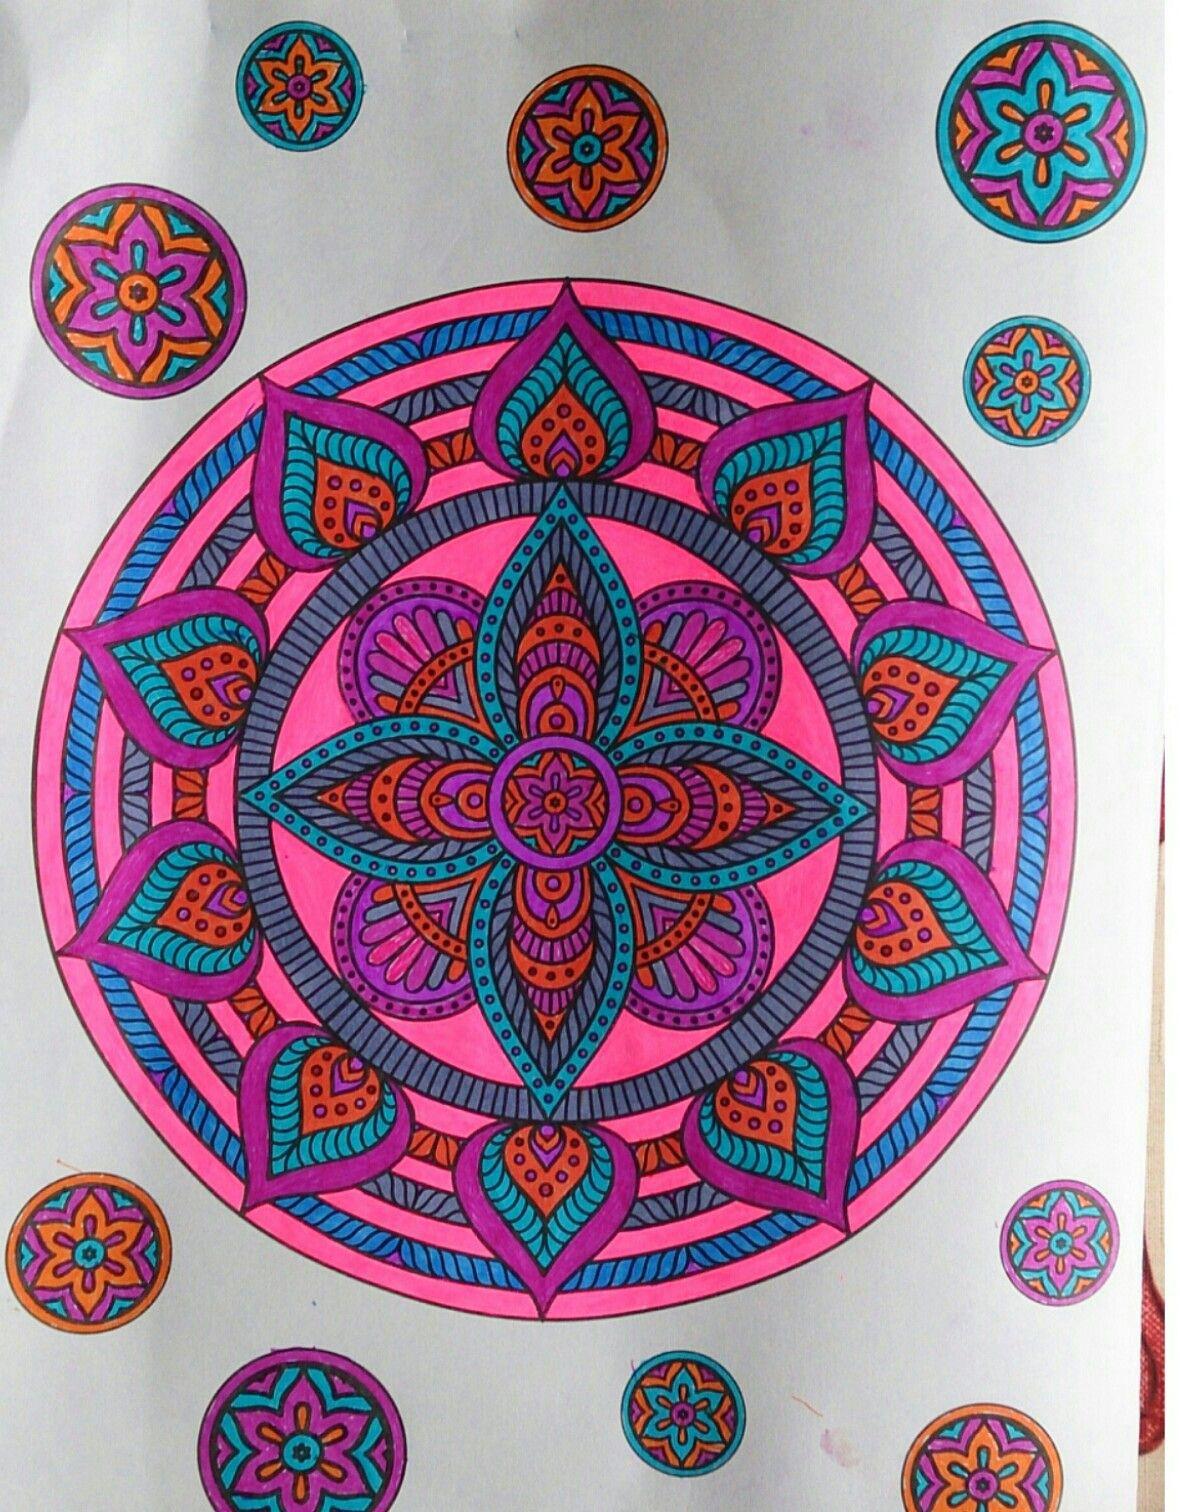 Mandala Colored With Gel Pens Neon Gel Pens Coloring By Me